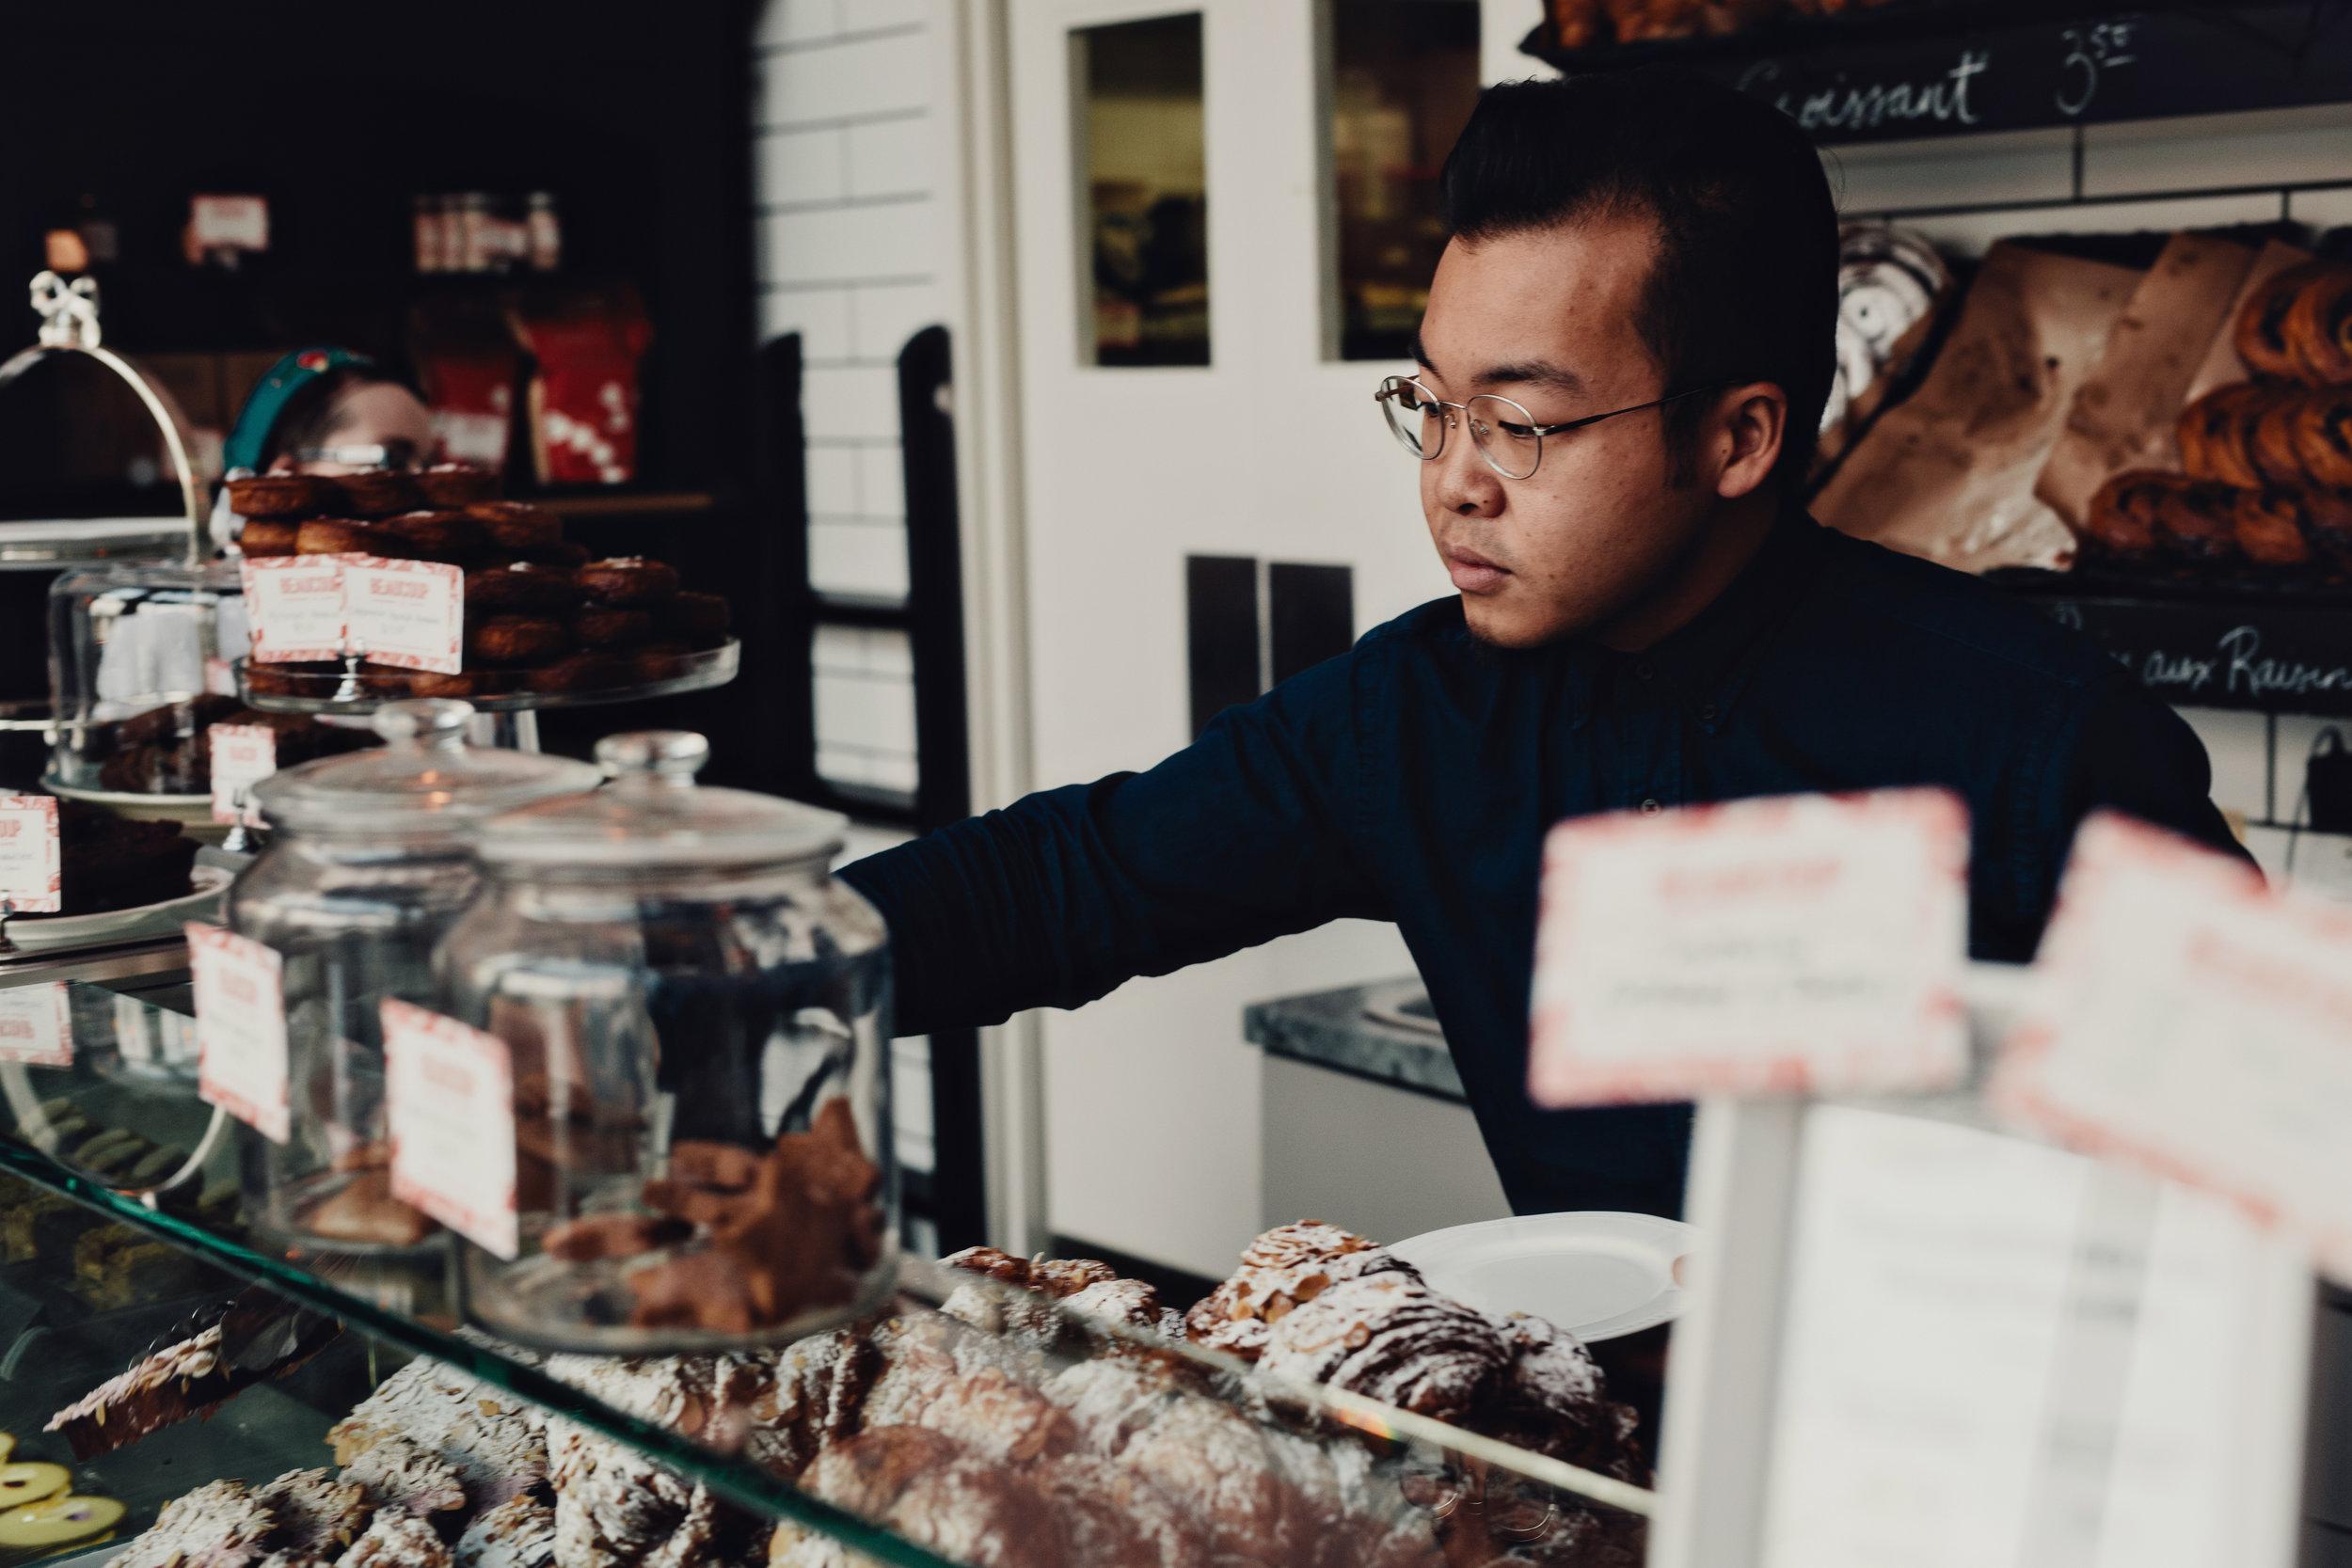 Beaucoup-Bakery-DRT-11.jpg